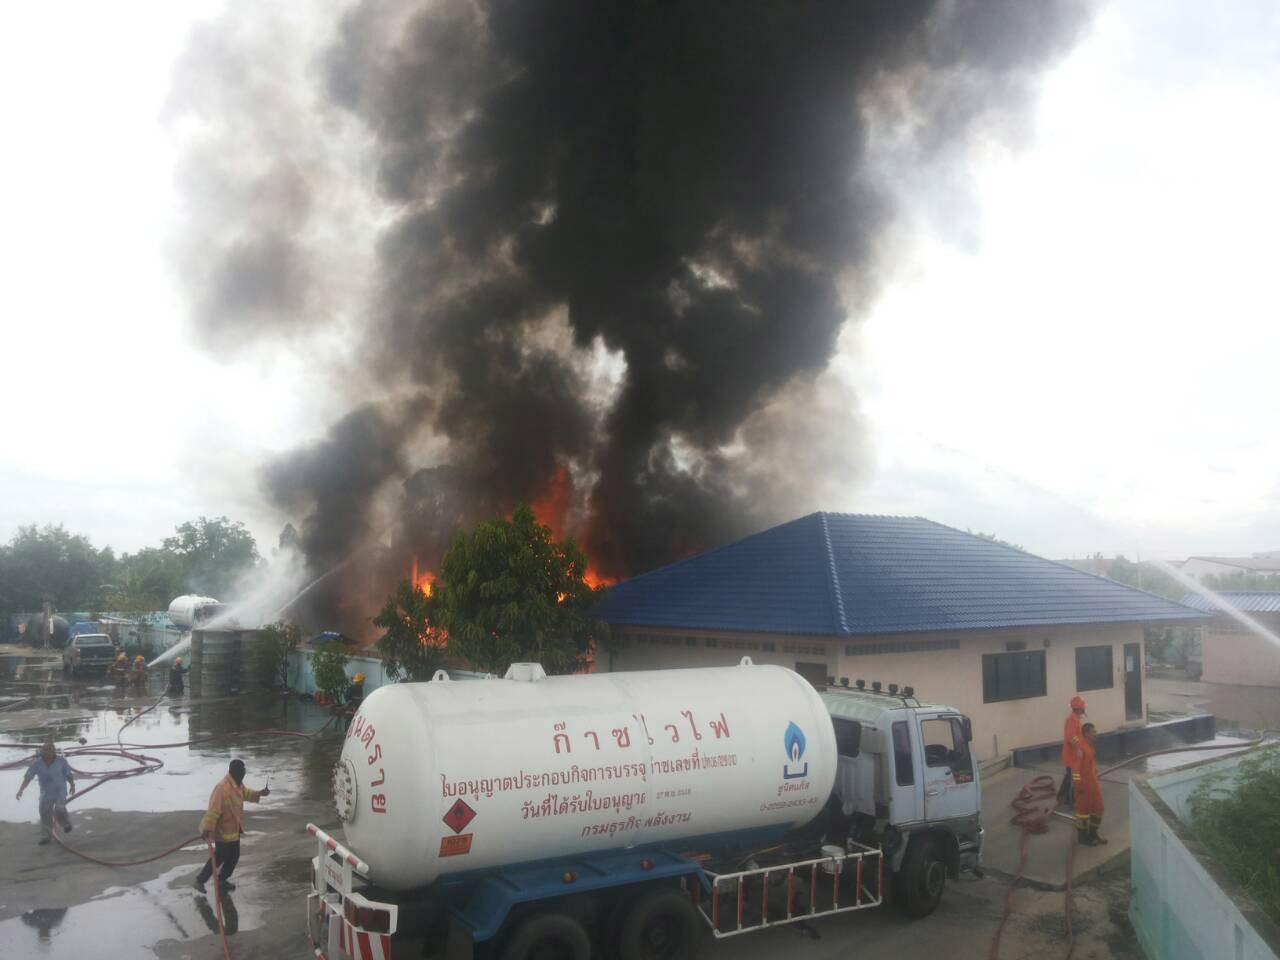 ไฟไหม้โรงงานบรรจุแก๊ส LPG ย่านหทัยราษฎร์ ปทุมธานี แถมมีเสียงระเบิดสนั่น